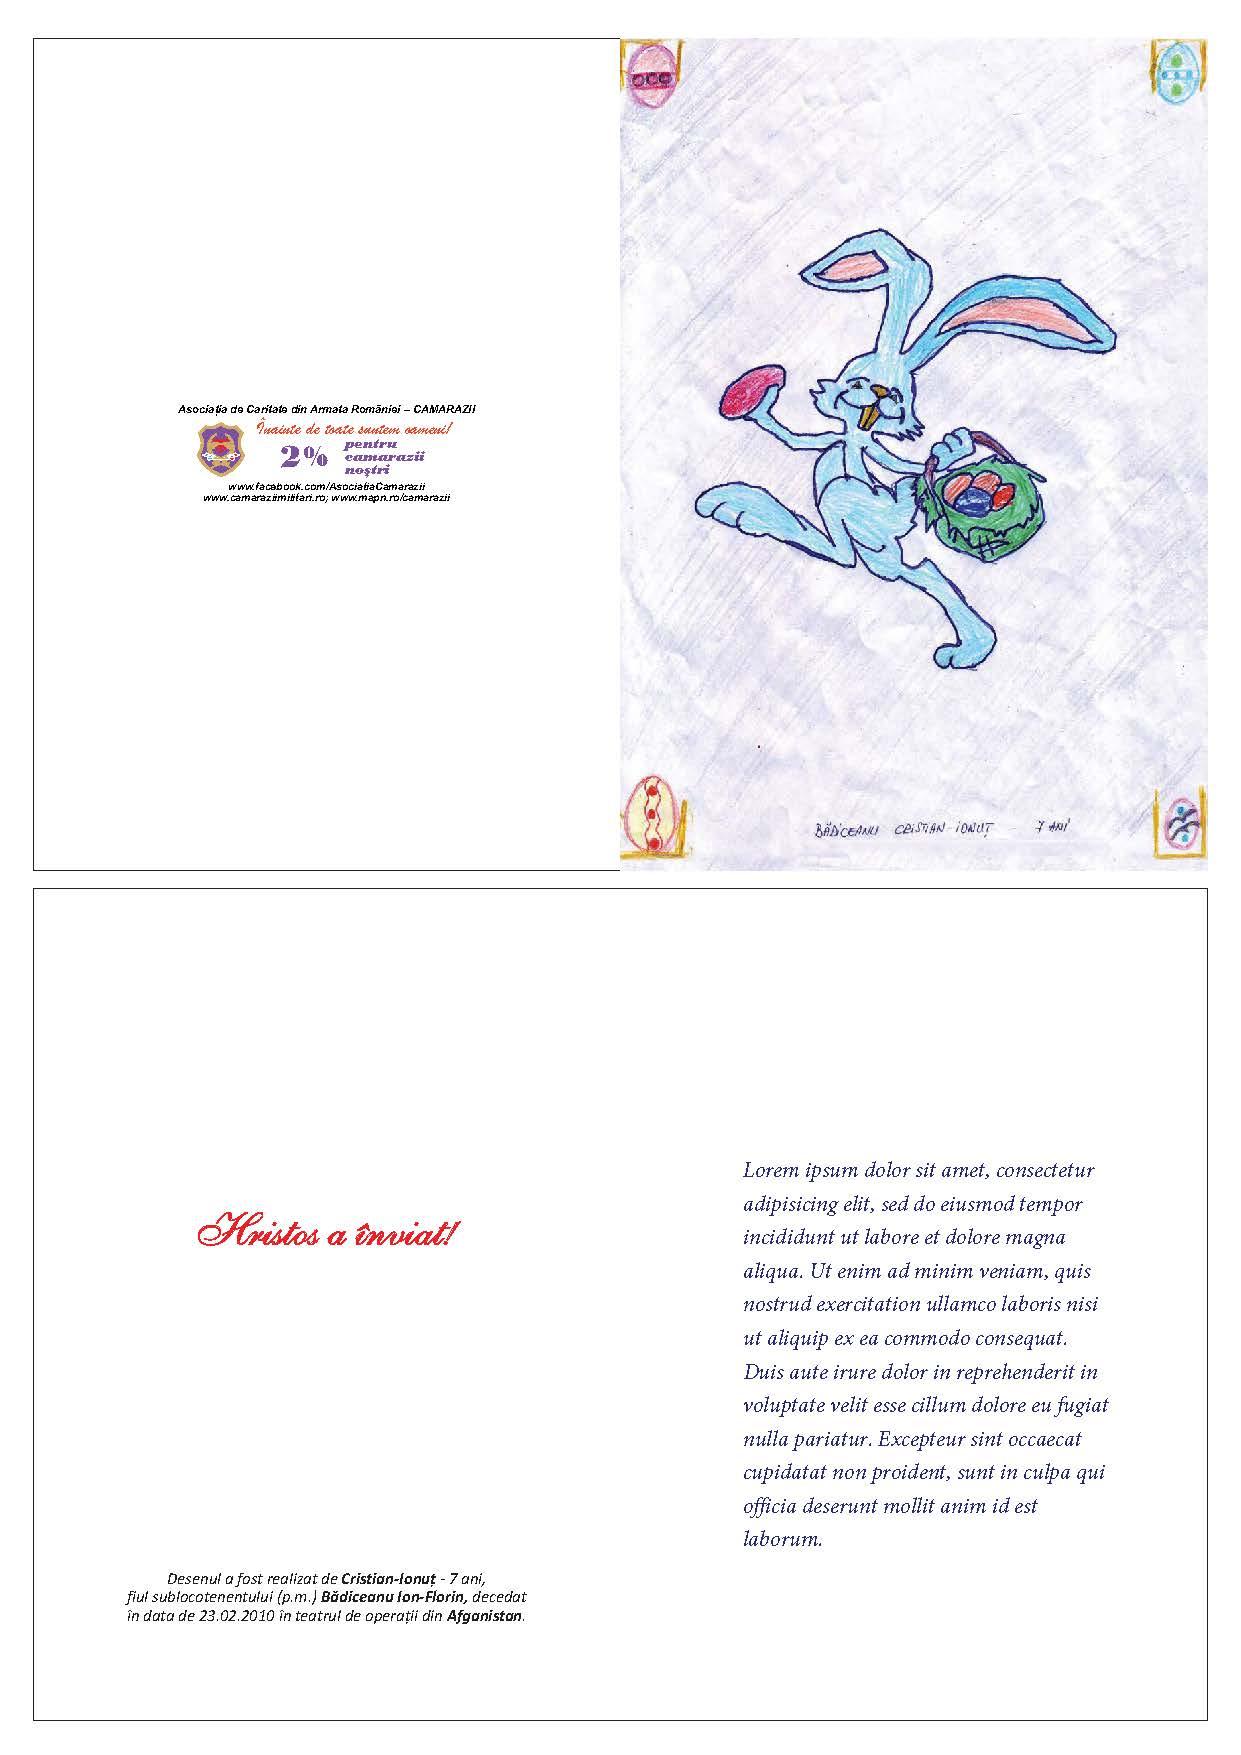 Cristian Ionuţ BĂDICEANU (3) - 7 ani